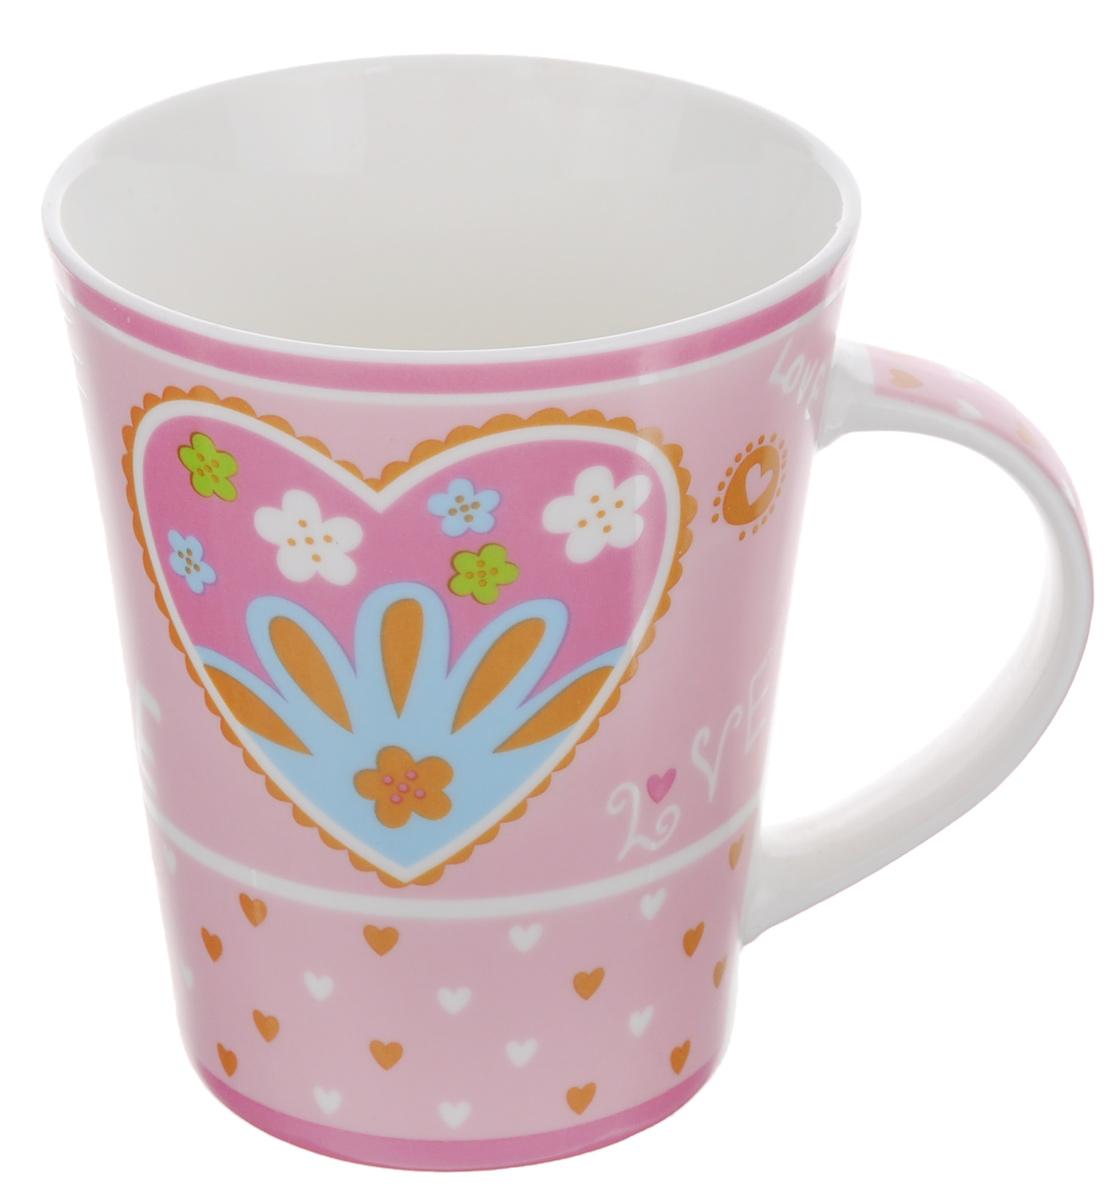 Кружка Loraine Love, цвет: белый, розовый, 400 мл кружка loraine 350 мл